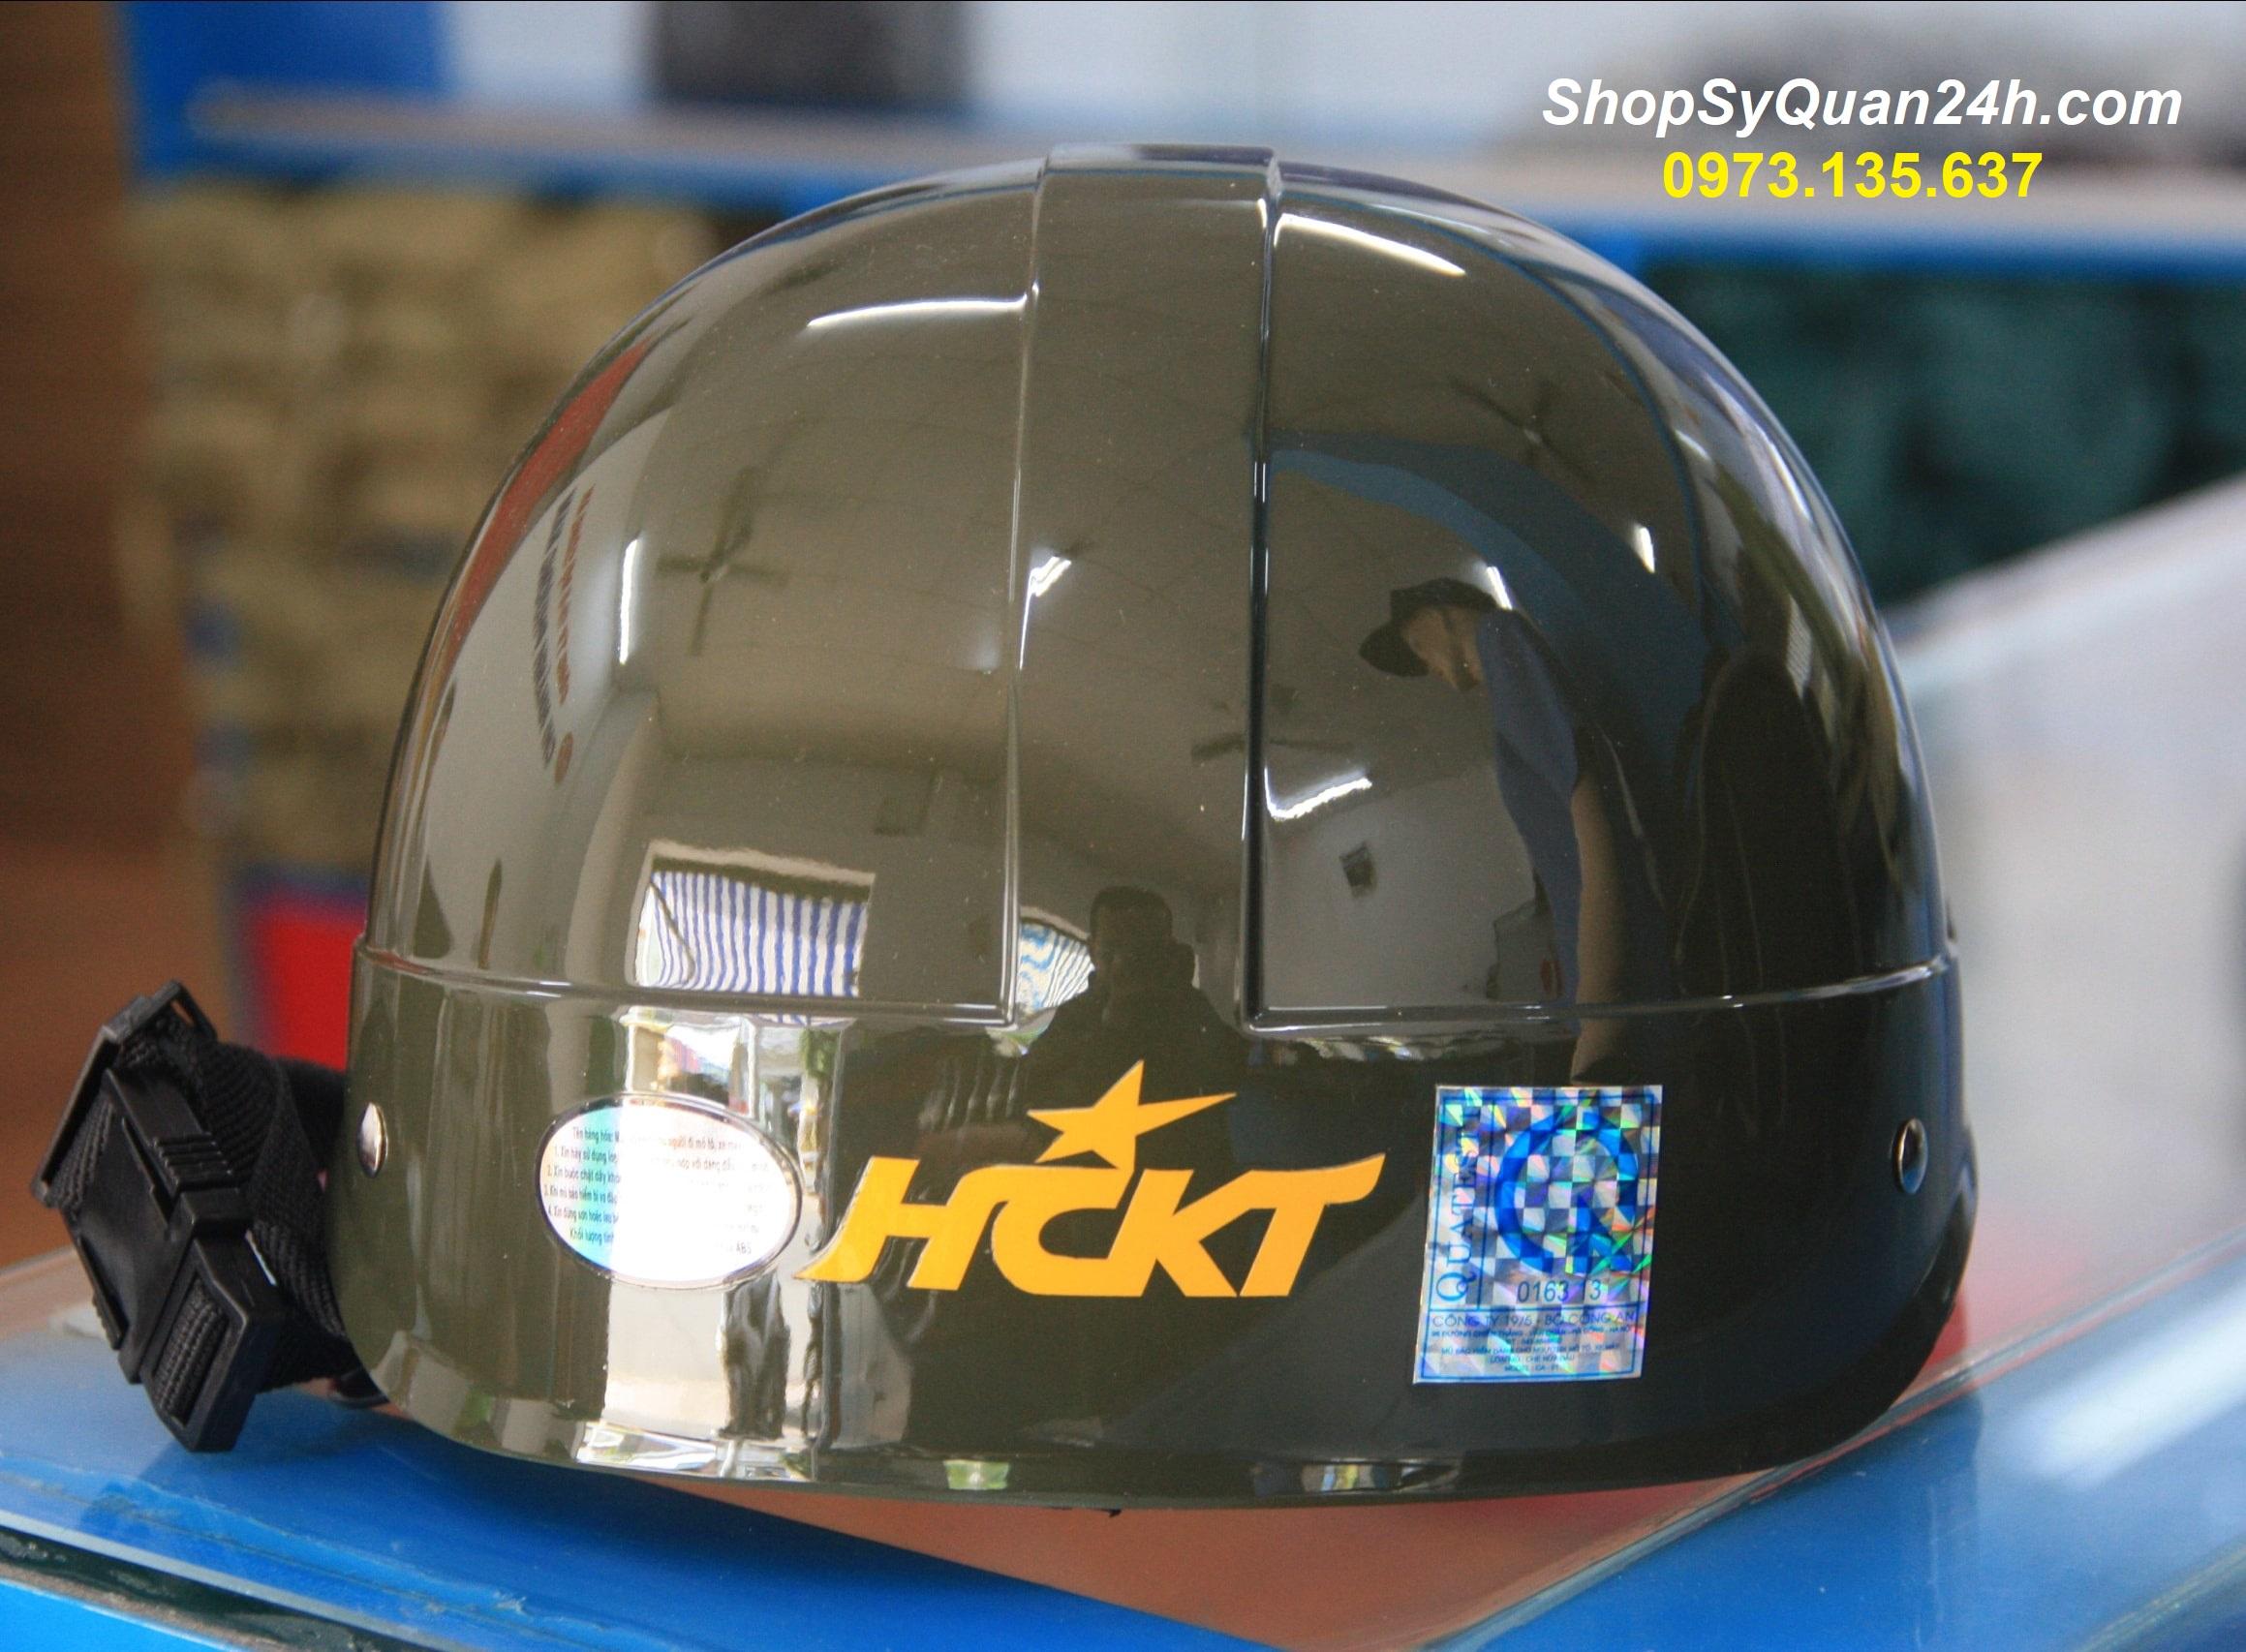 Mũ Bảo Hiểm Công An HCKT